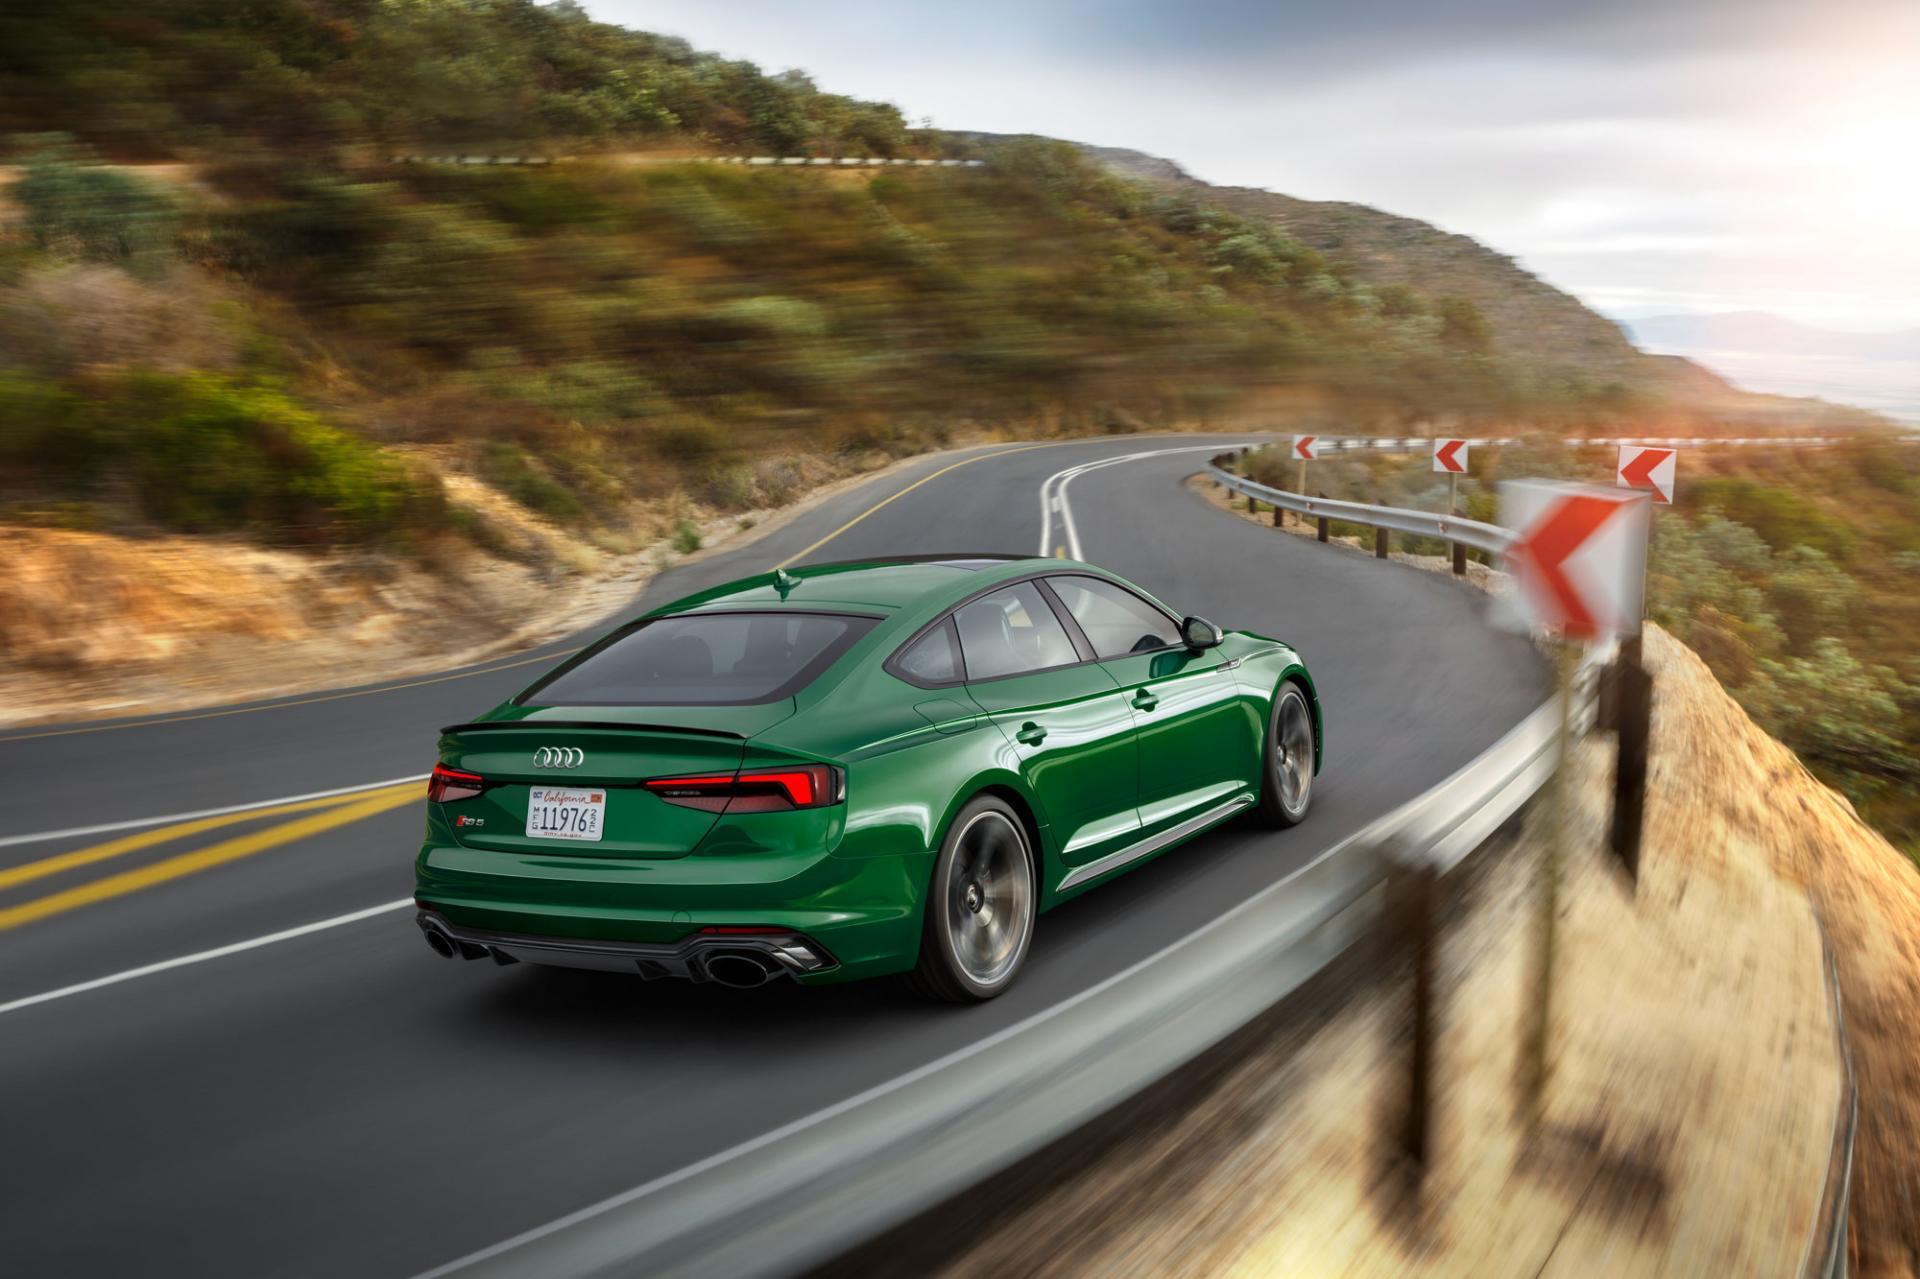 ВРоссии эксклюзивная партия Audi RS5 Sportback